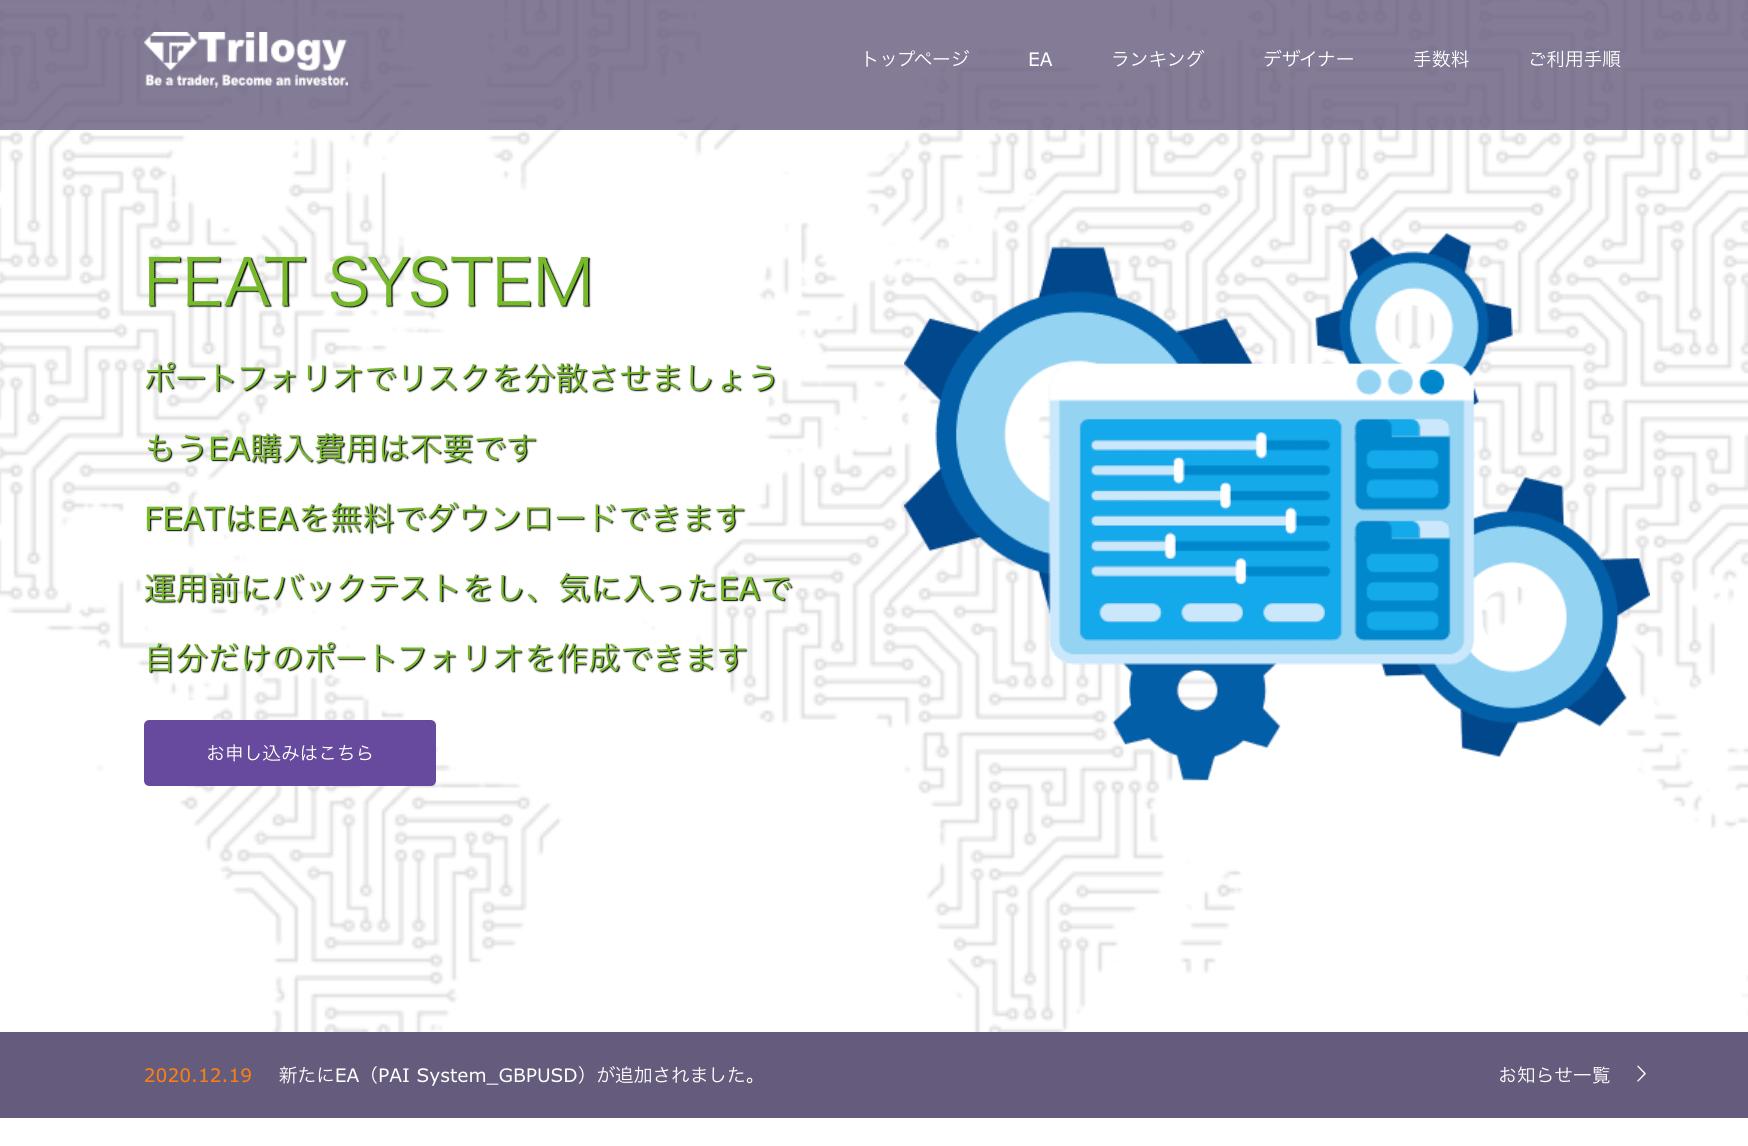 FEAT SYSTEM(フィートシステム)MT4フリーEAサービス | Trilogy Inc. FEAT SYSTEM は、MT4自動売買システム(=EA)を自由にお使いいただけるサービスです。 長期間の過去検証結果と稼働実績が一般公開された数多くの優秀なEAにより、ご自身の口座で安全に自動売買取引を行うことが可能です。様々な無料サポートも完備。金融庁登録業者につき初心者の方でも安心してお使いいただけます。